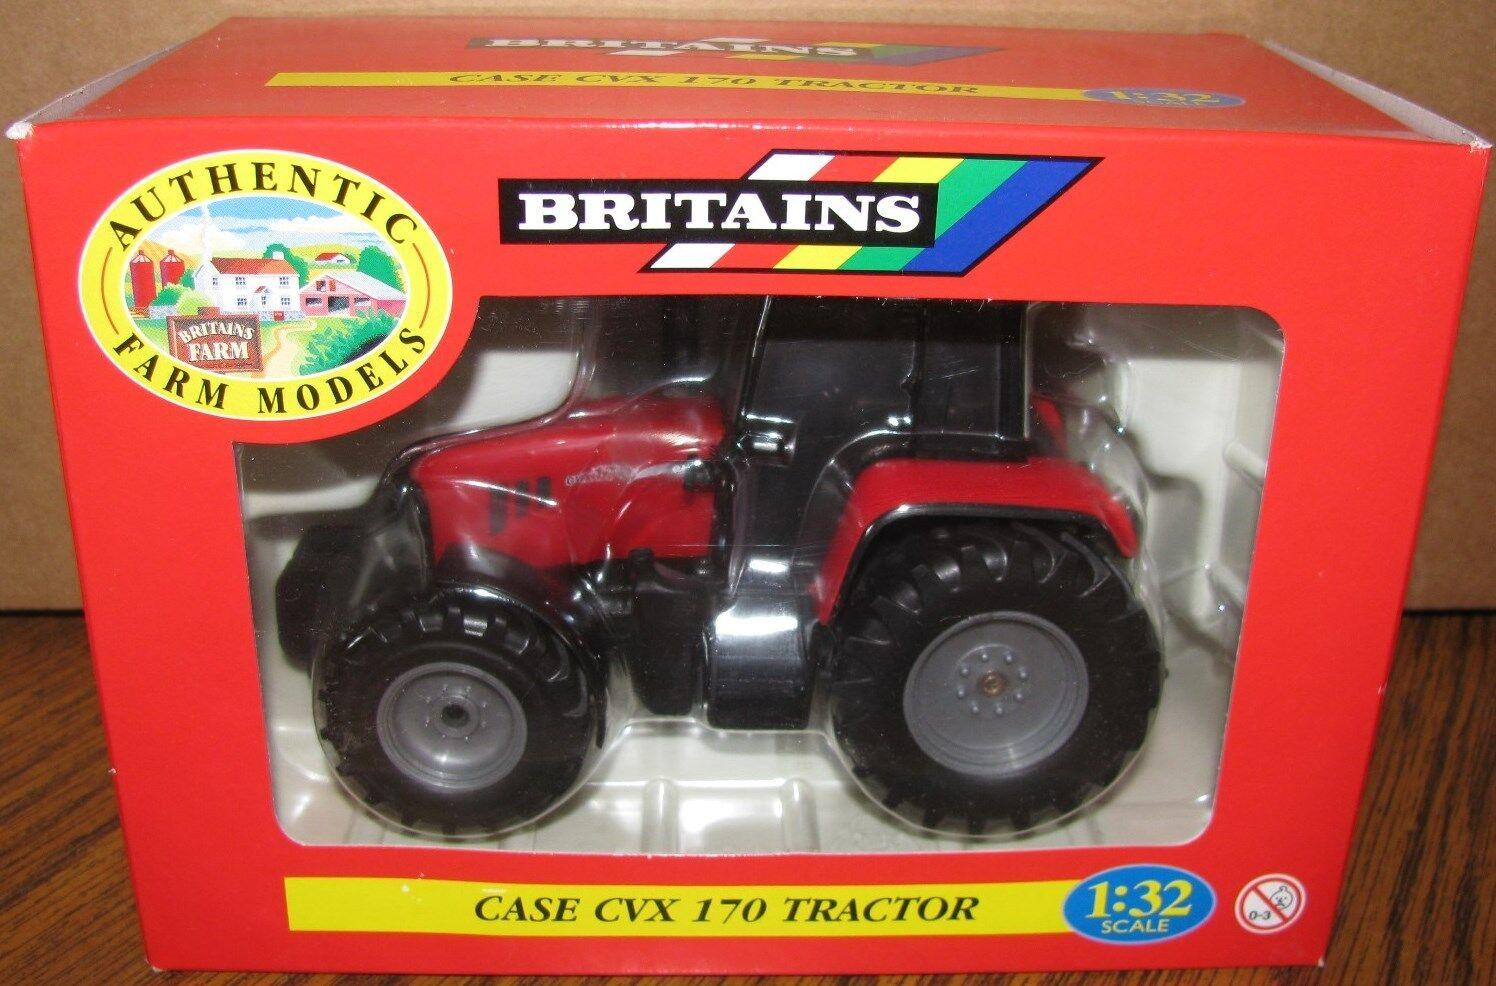 Case CVX 170  CVX170 CVX170 CVX170  Tractor 1 32 Britains Farm Toy 2001  NEW  Ertl 9c0ad0